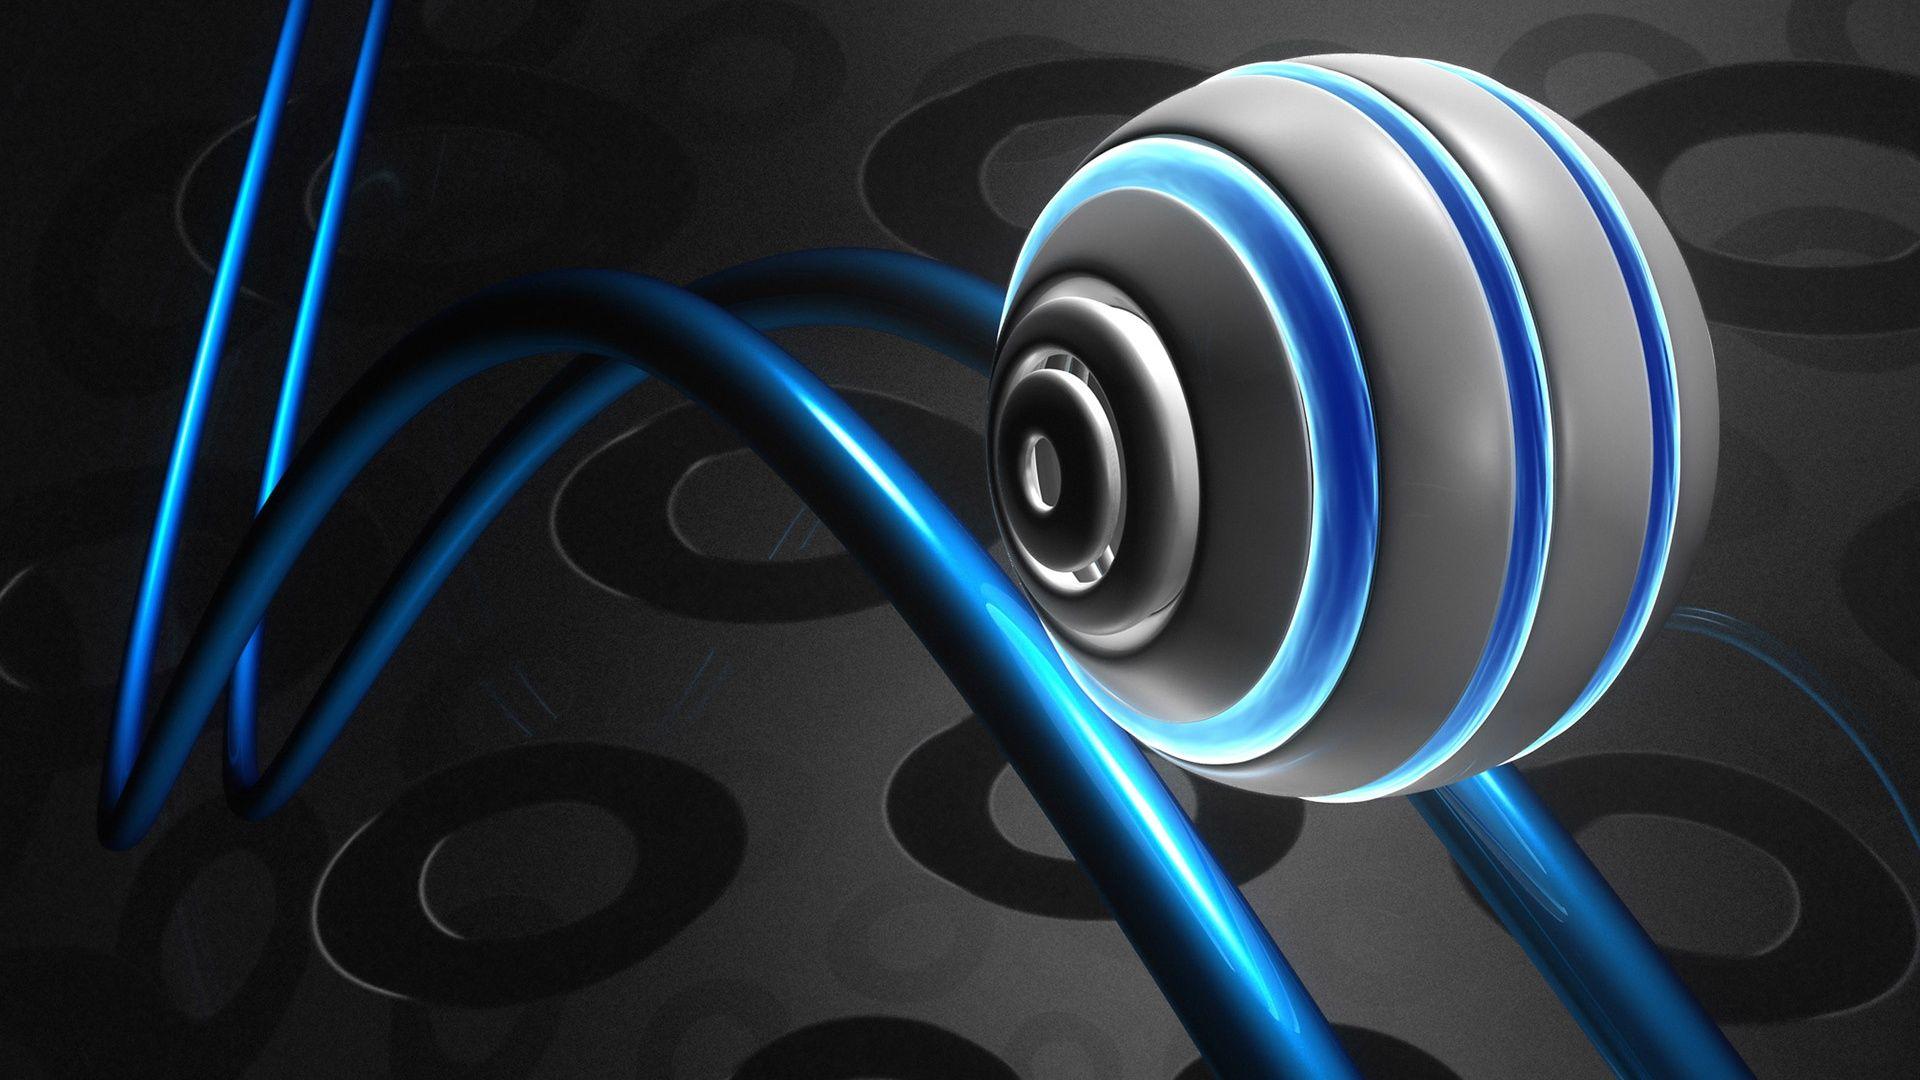 3d Abstract Wallpaper Hd wallpaperia.com  Wallpaperia